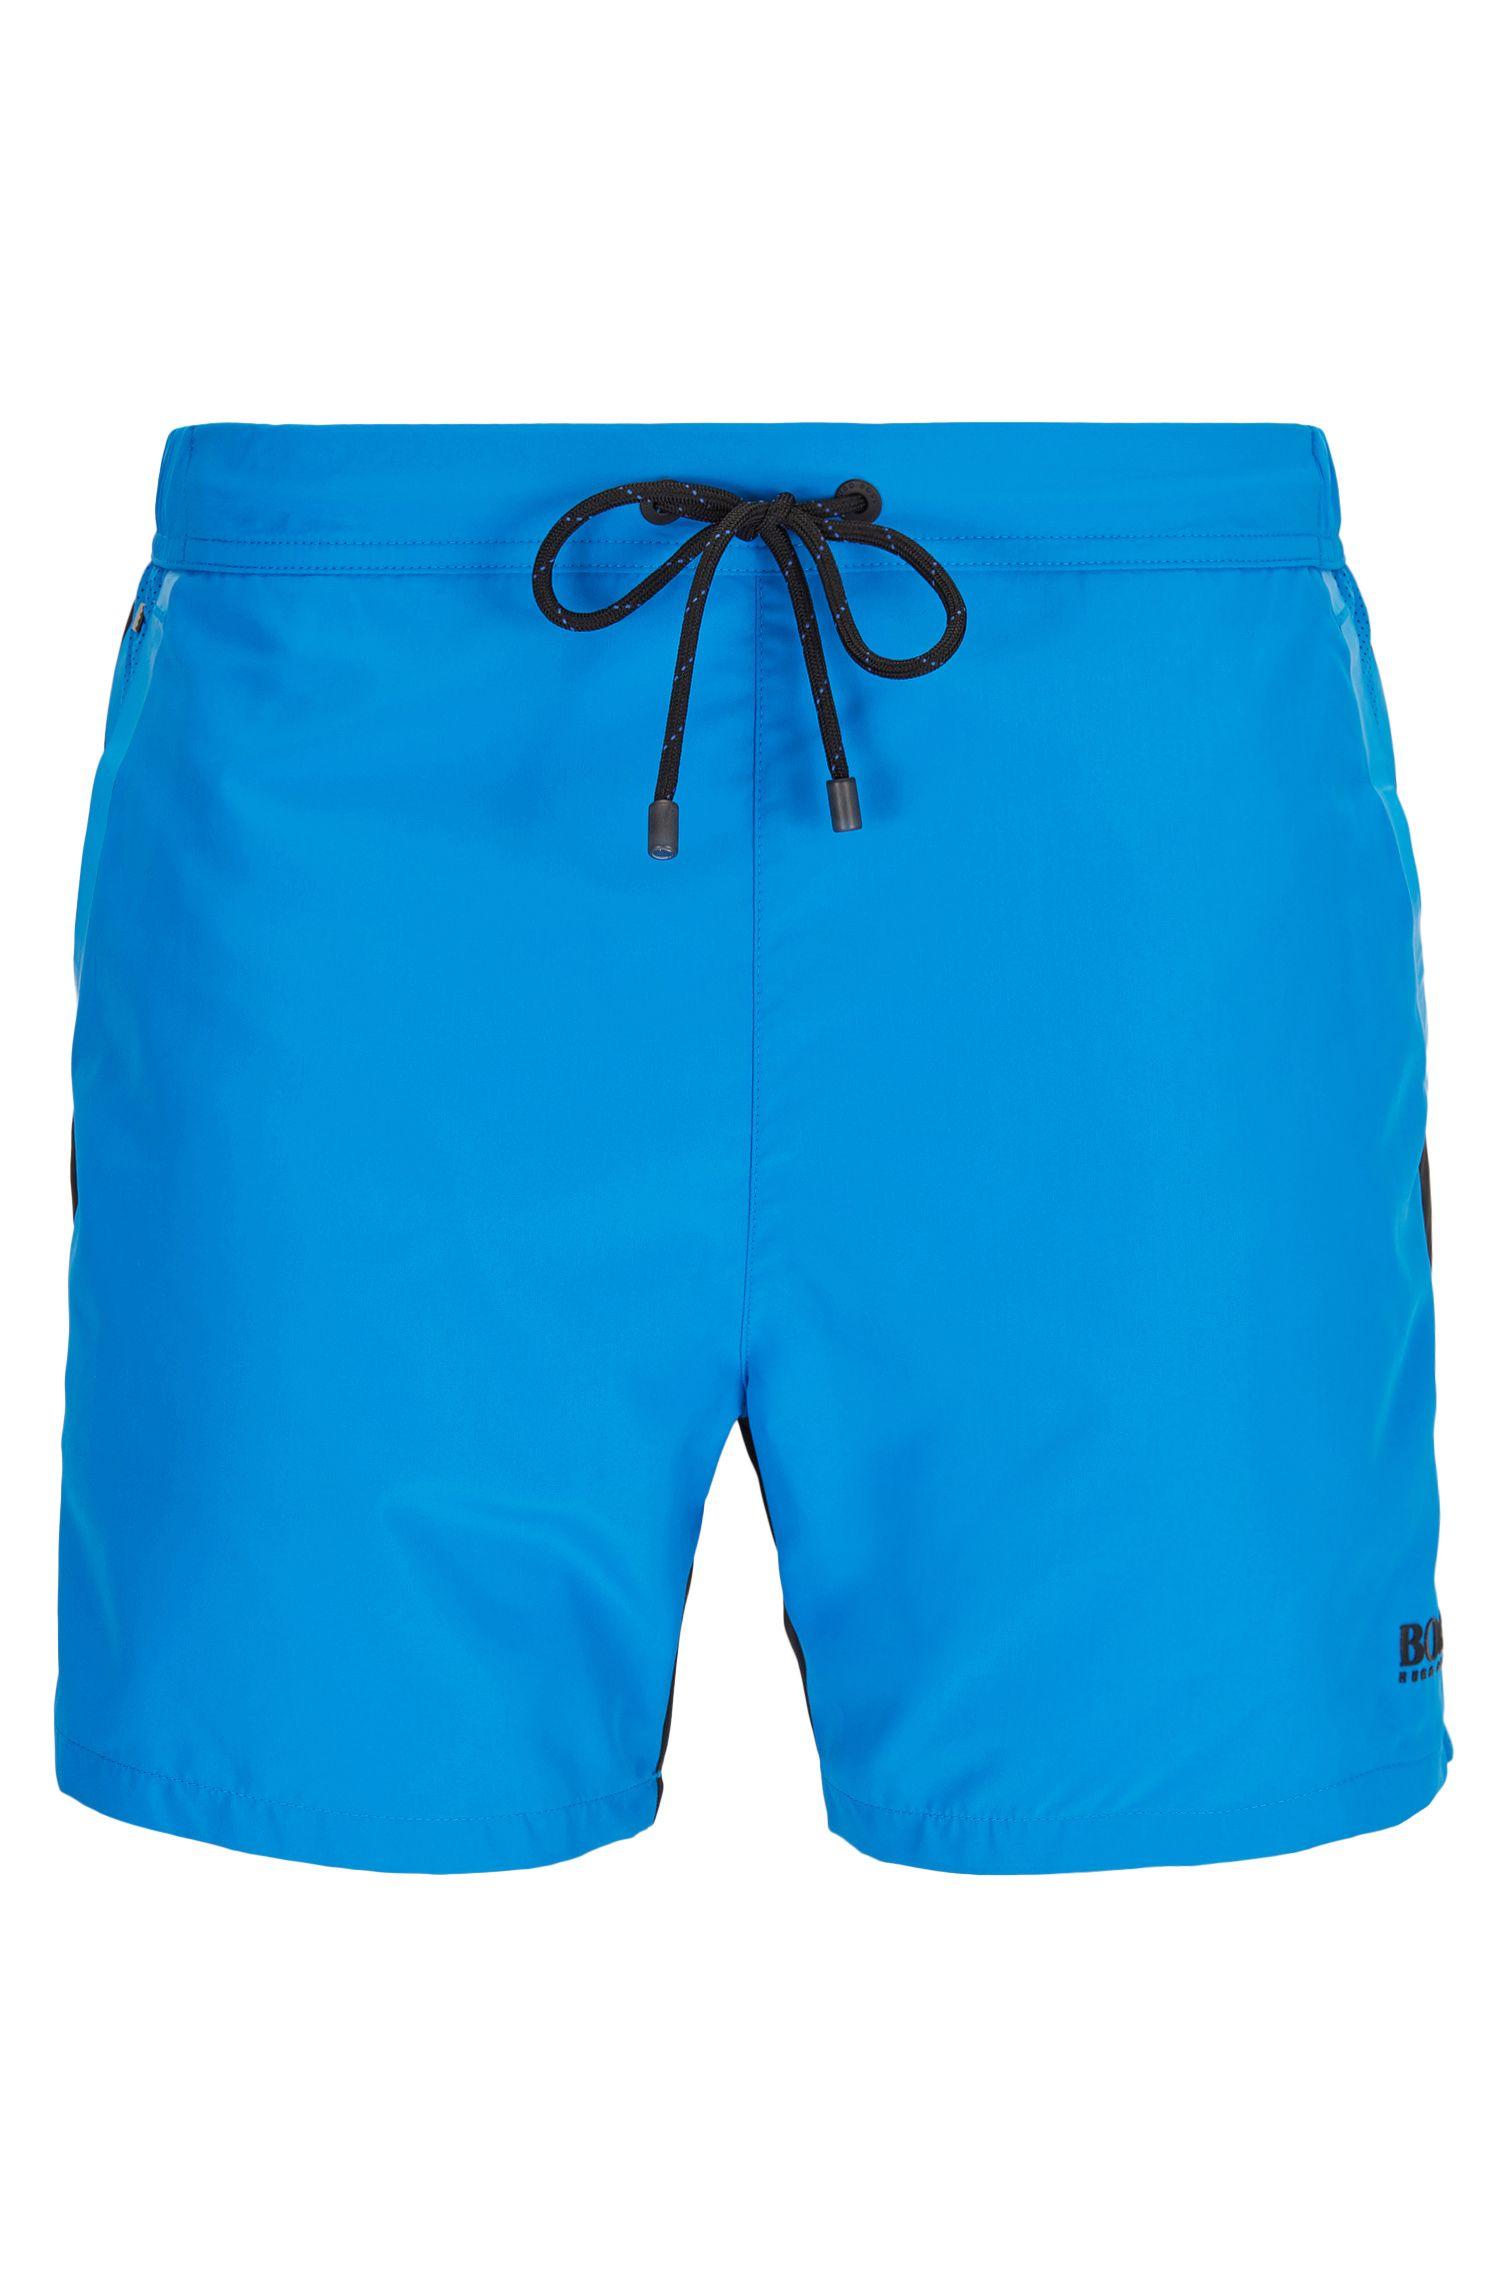 Bañador short de largo medio y secado rápido con cintura semielástica